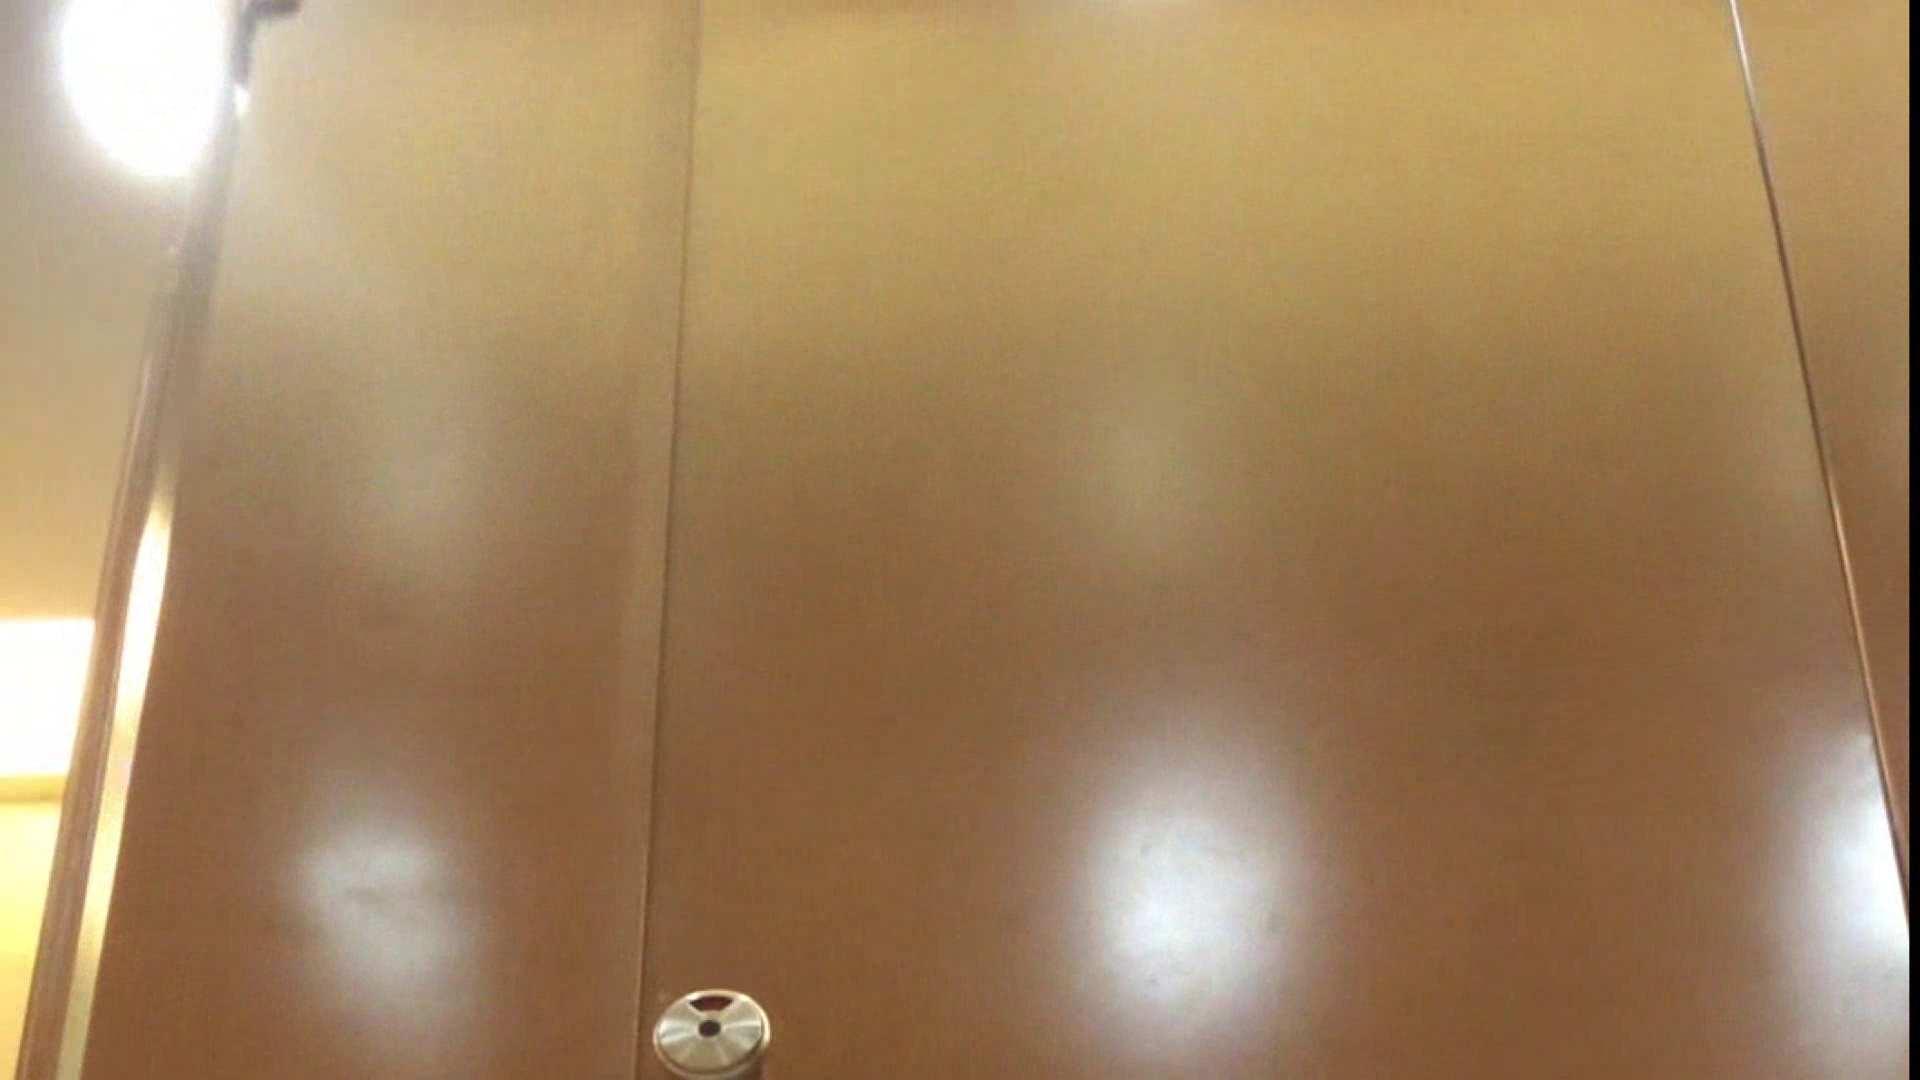 「噂」の国の厠観察日記2 Vol.01 美しいOLの裸体  102pic 12